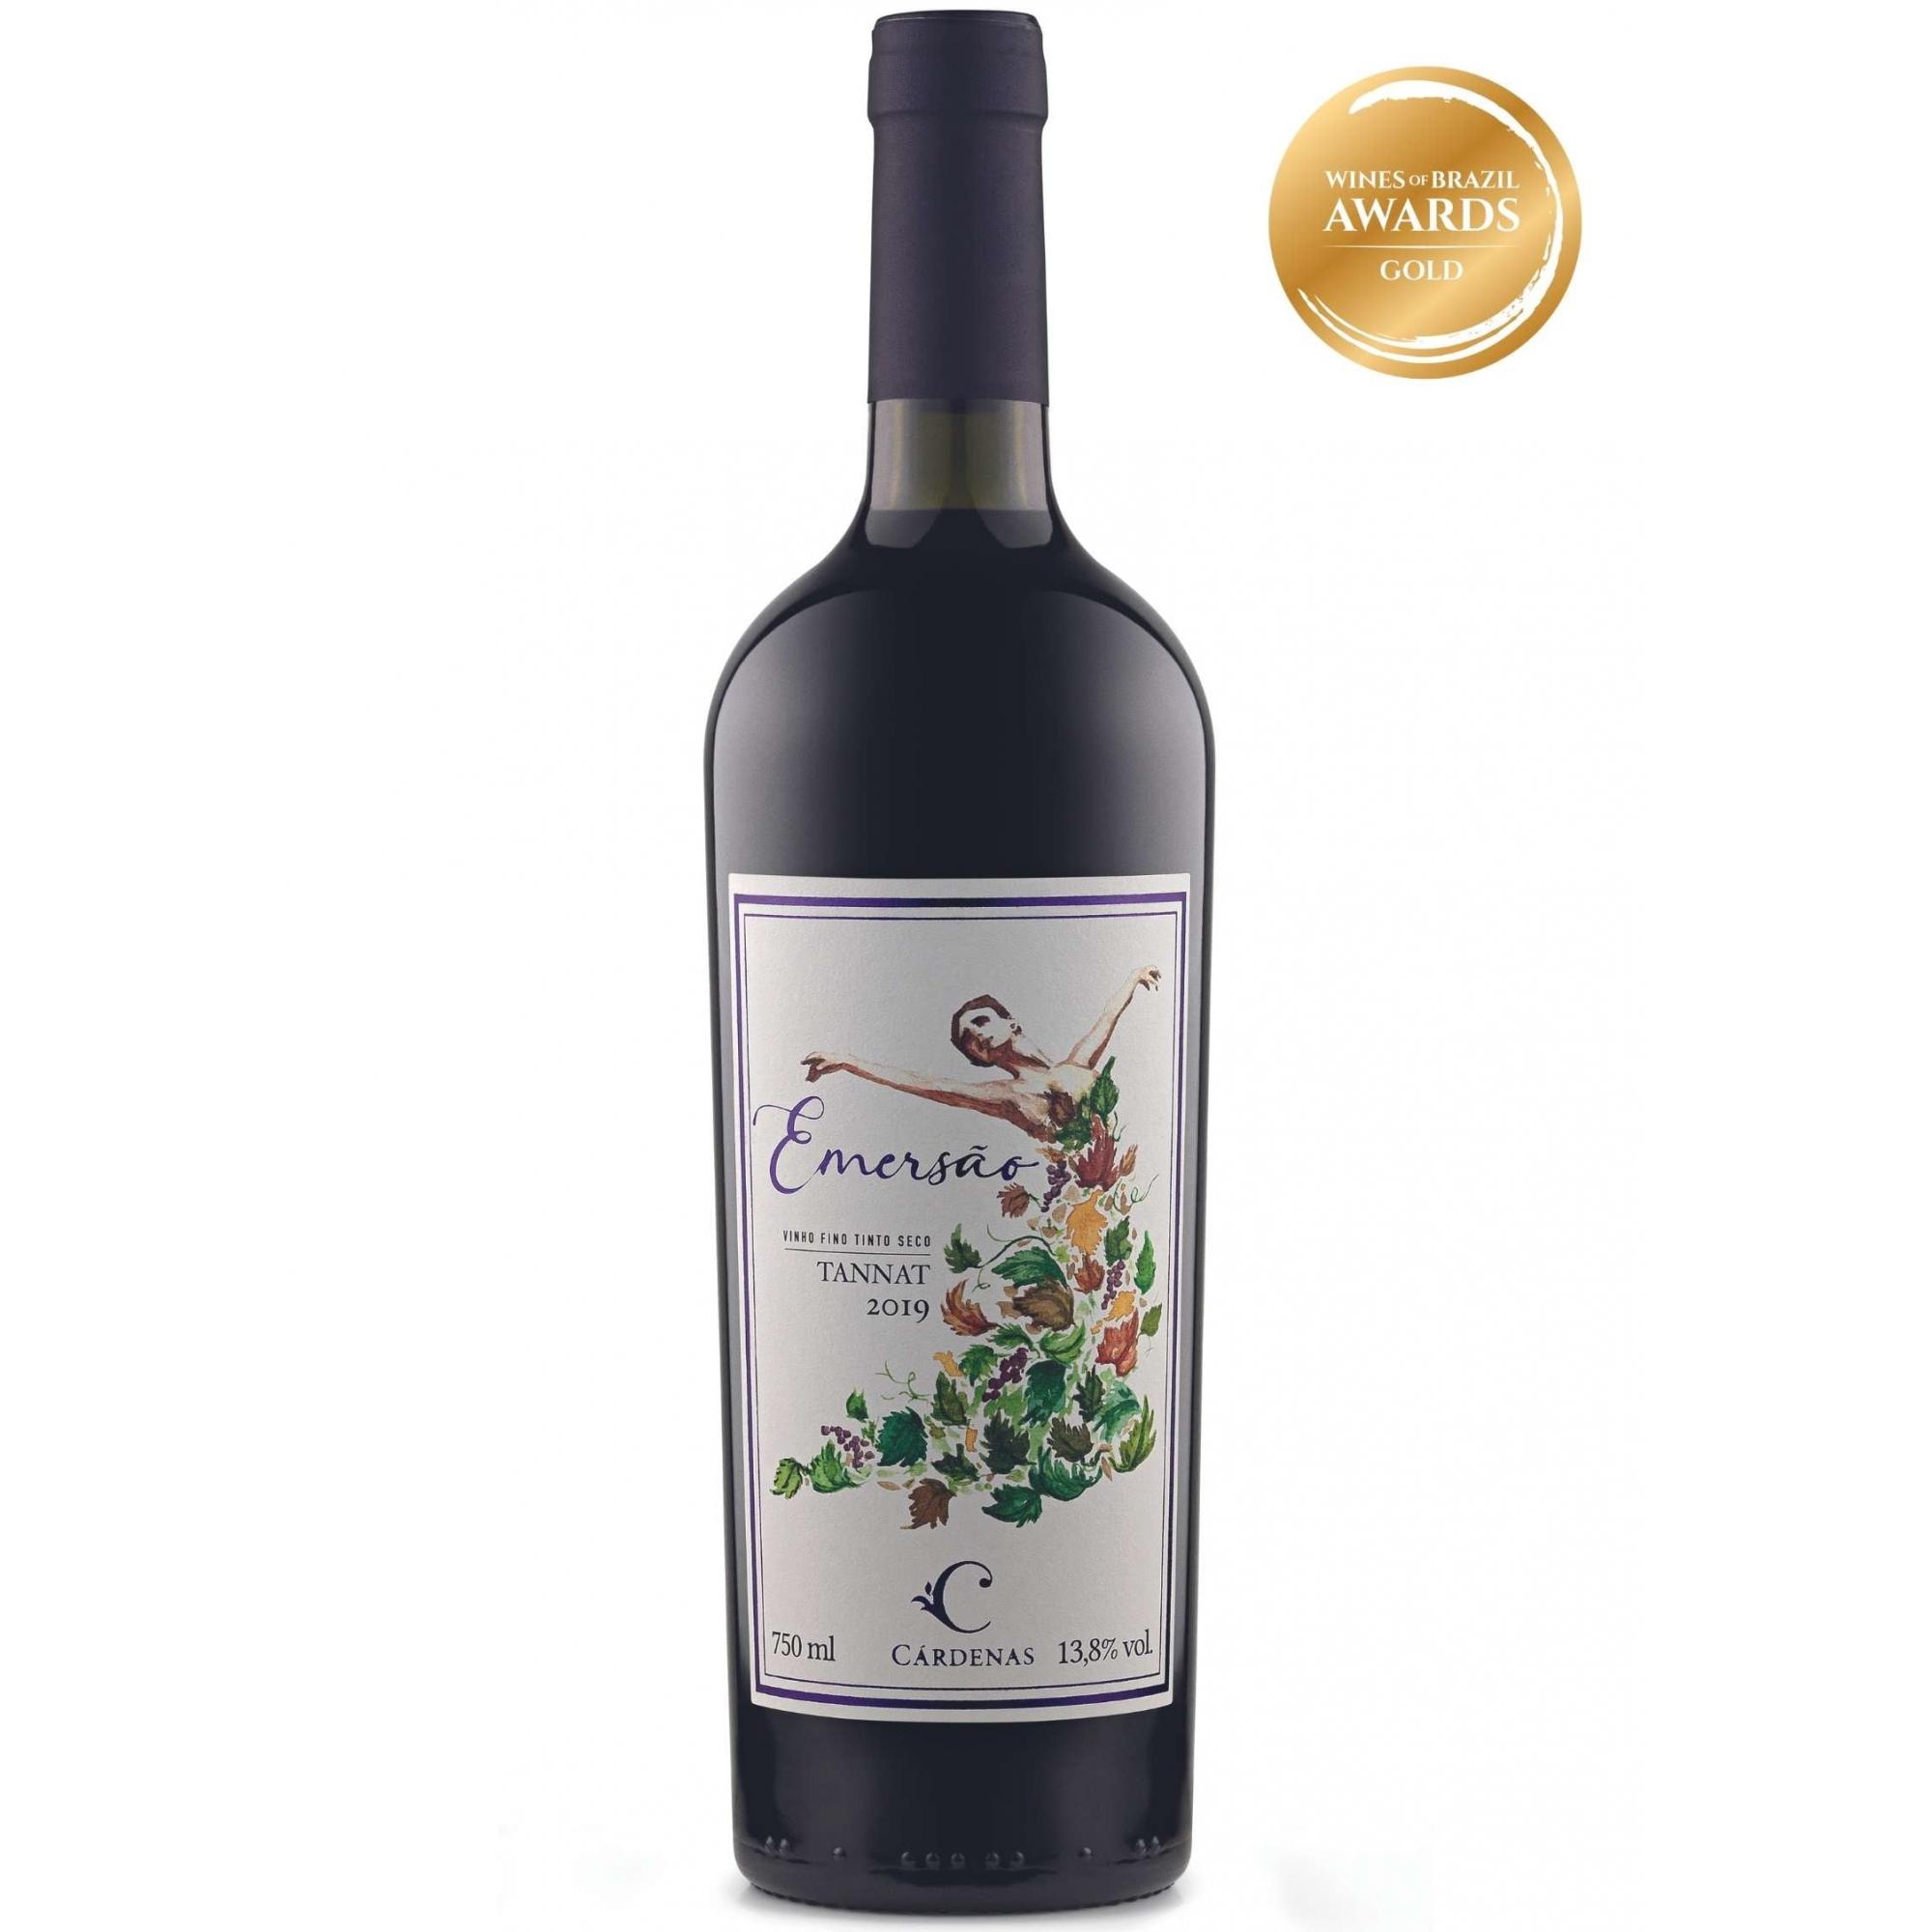 Cárdenas Vinho Tinto Emersão Tannat 2019 750ml